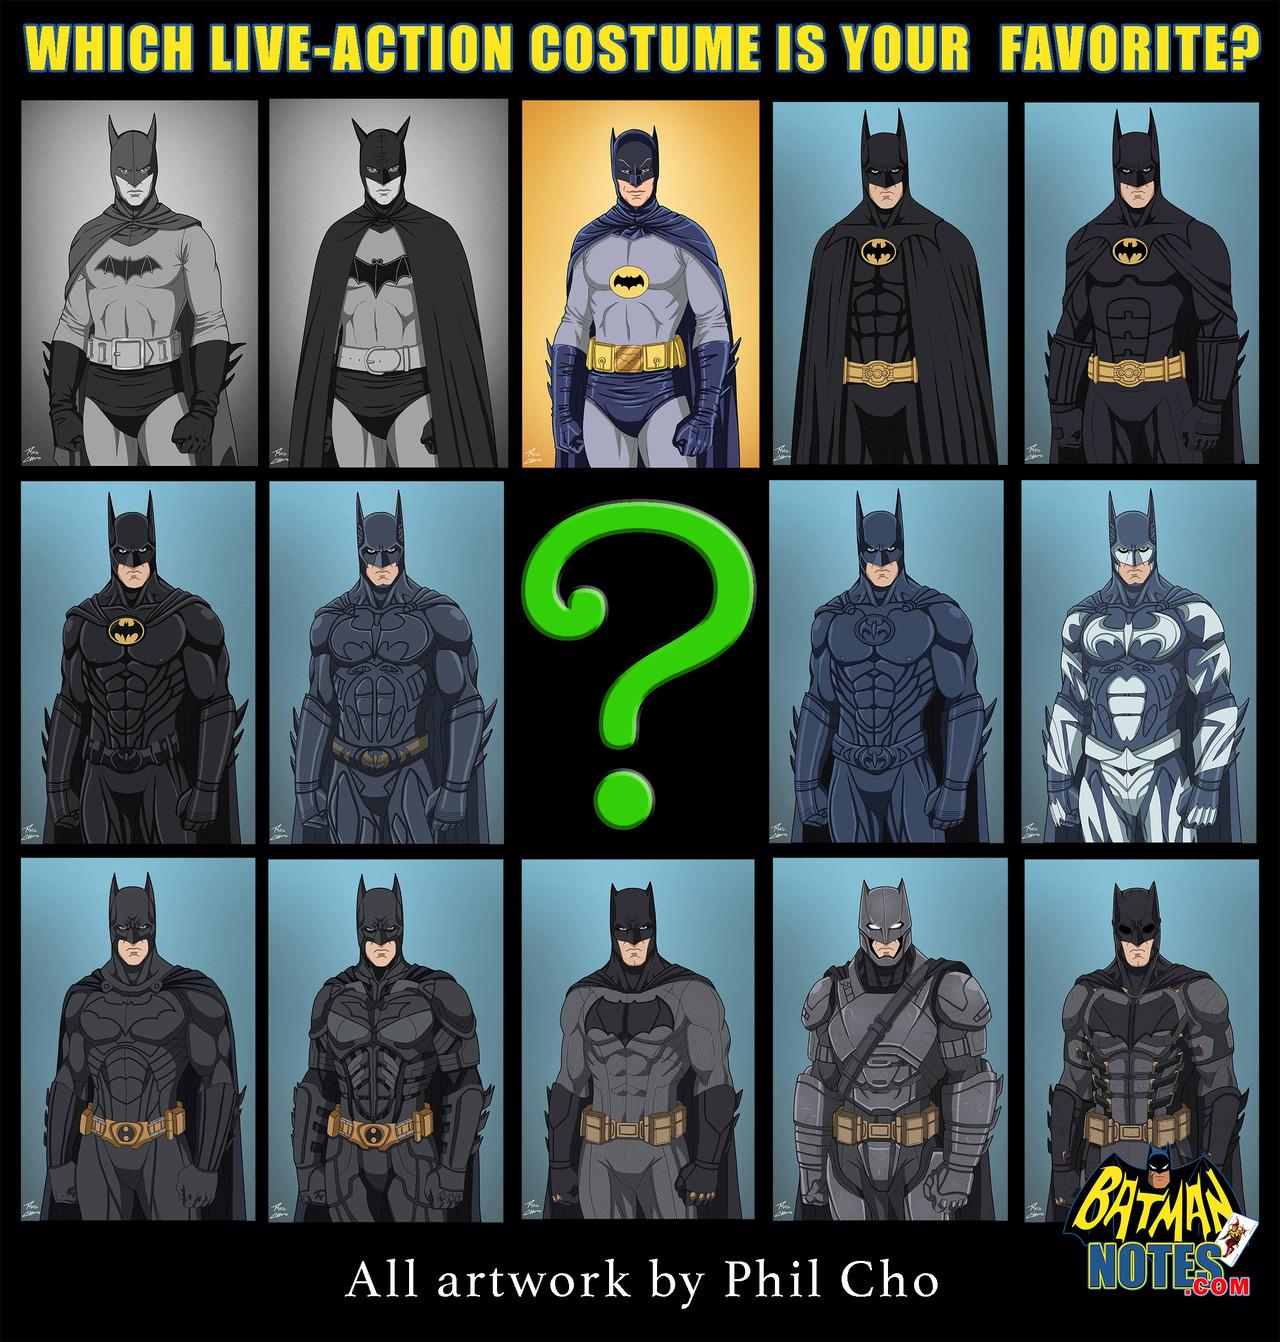 Live-Action Batman Costumes – DC Comics